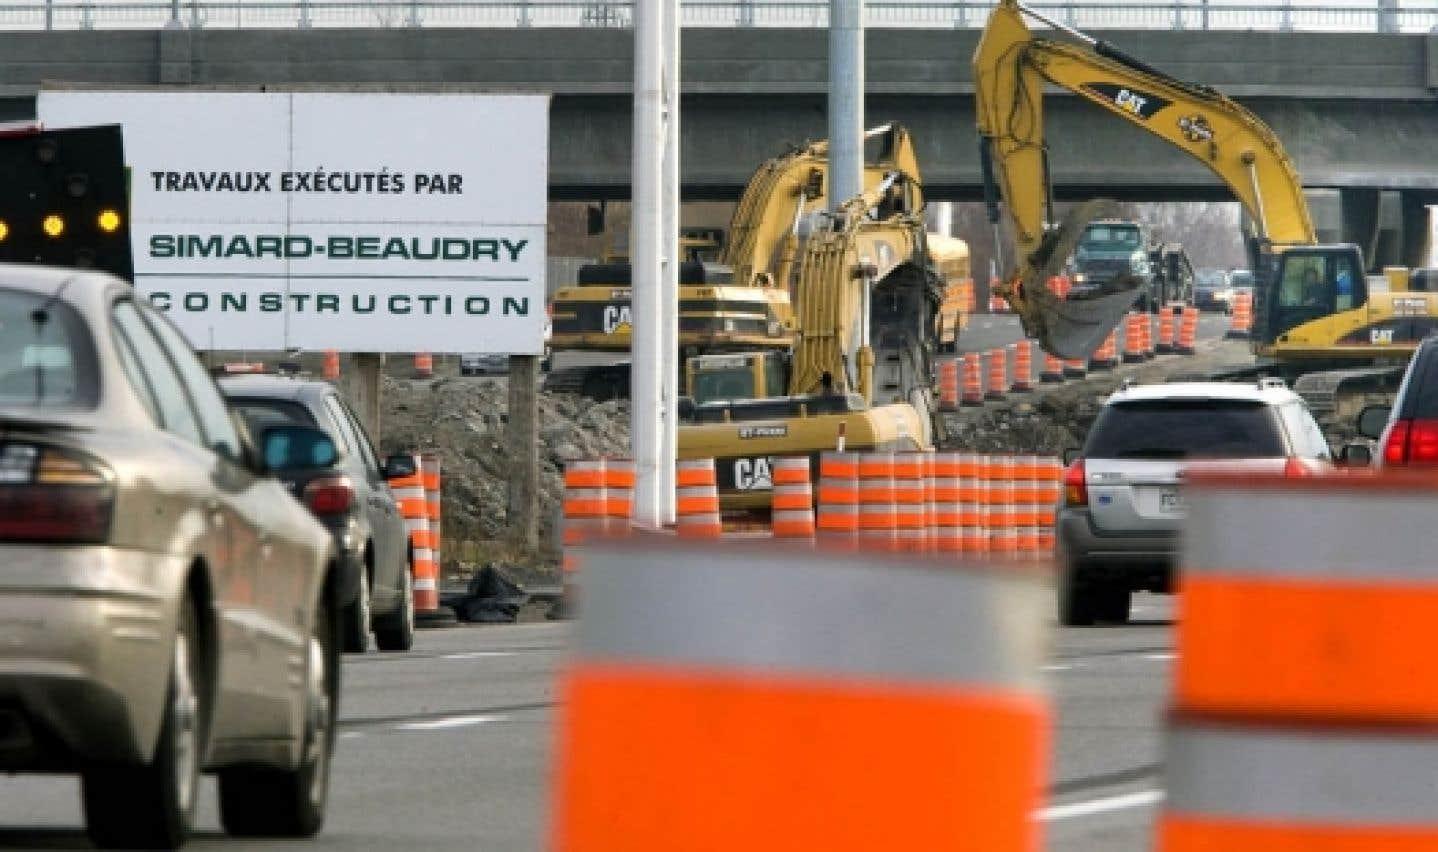 Les règles d'attribution des contrats aux Transports seront resserrées